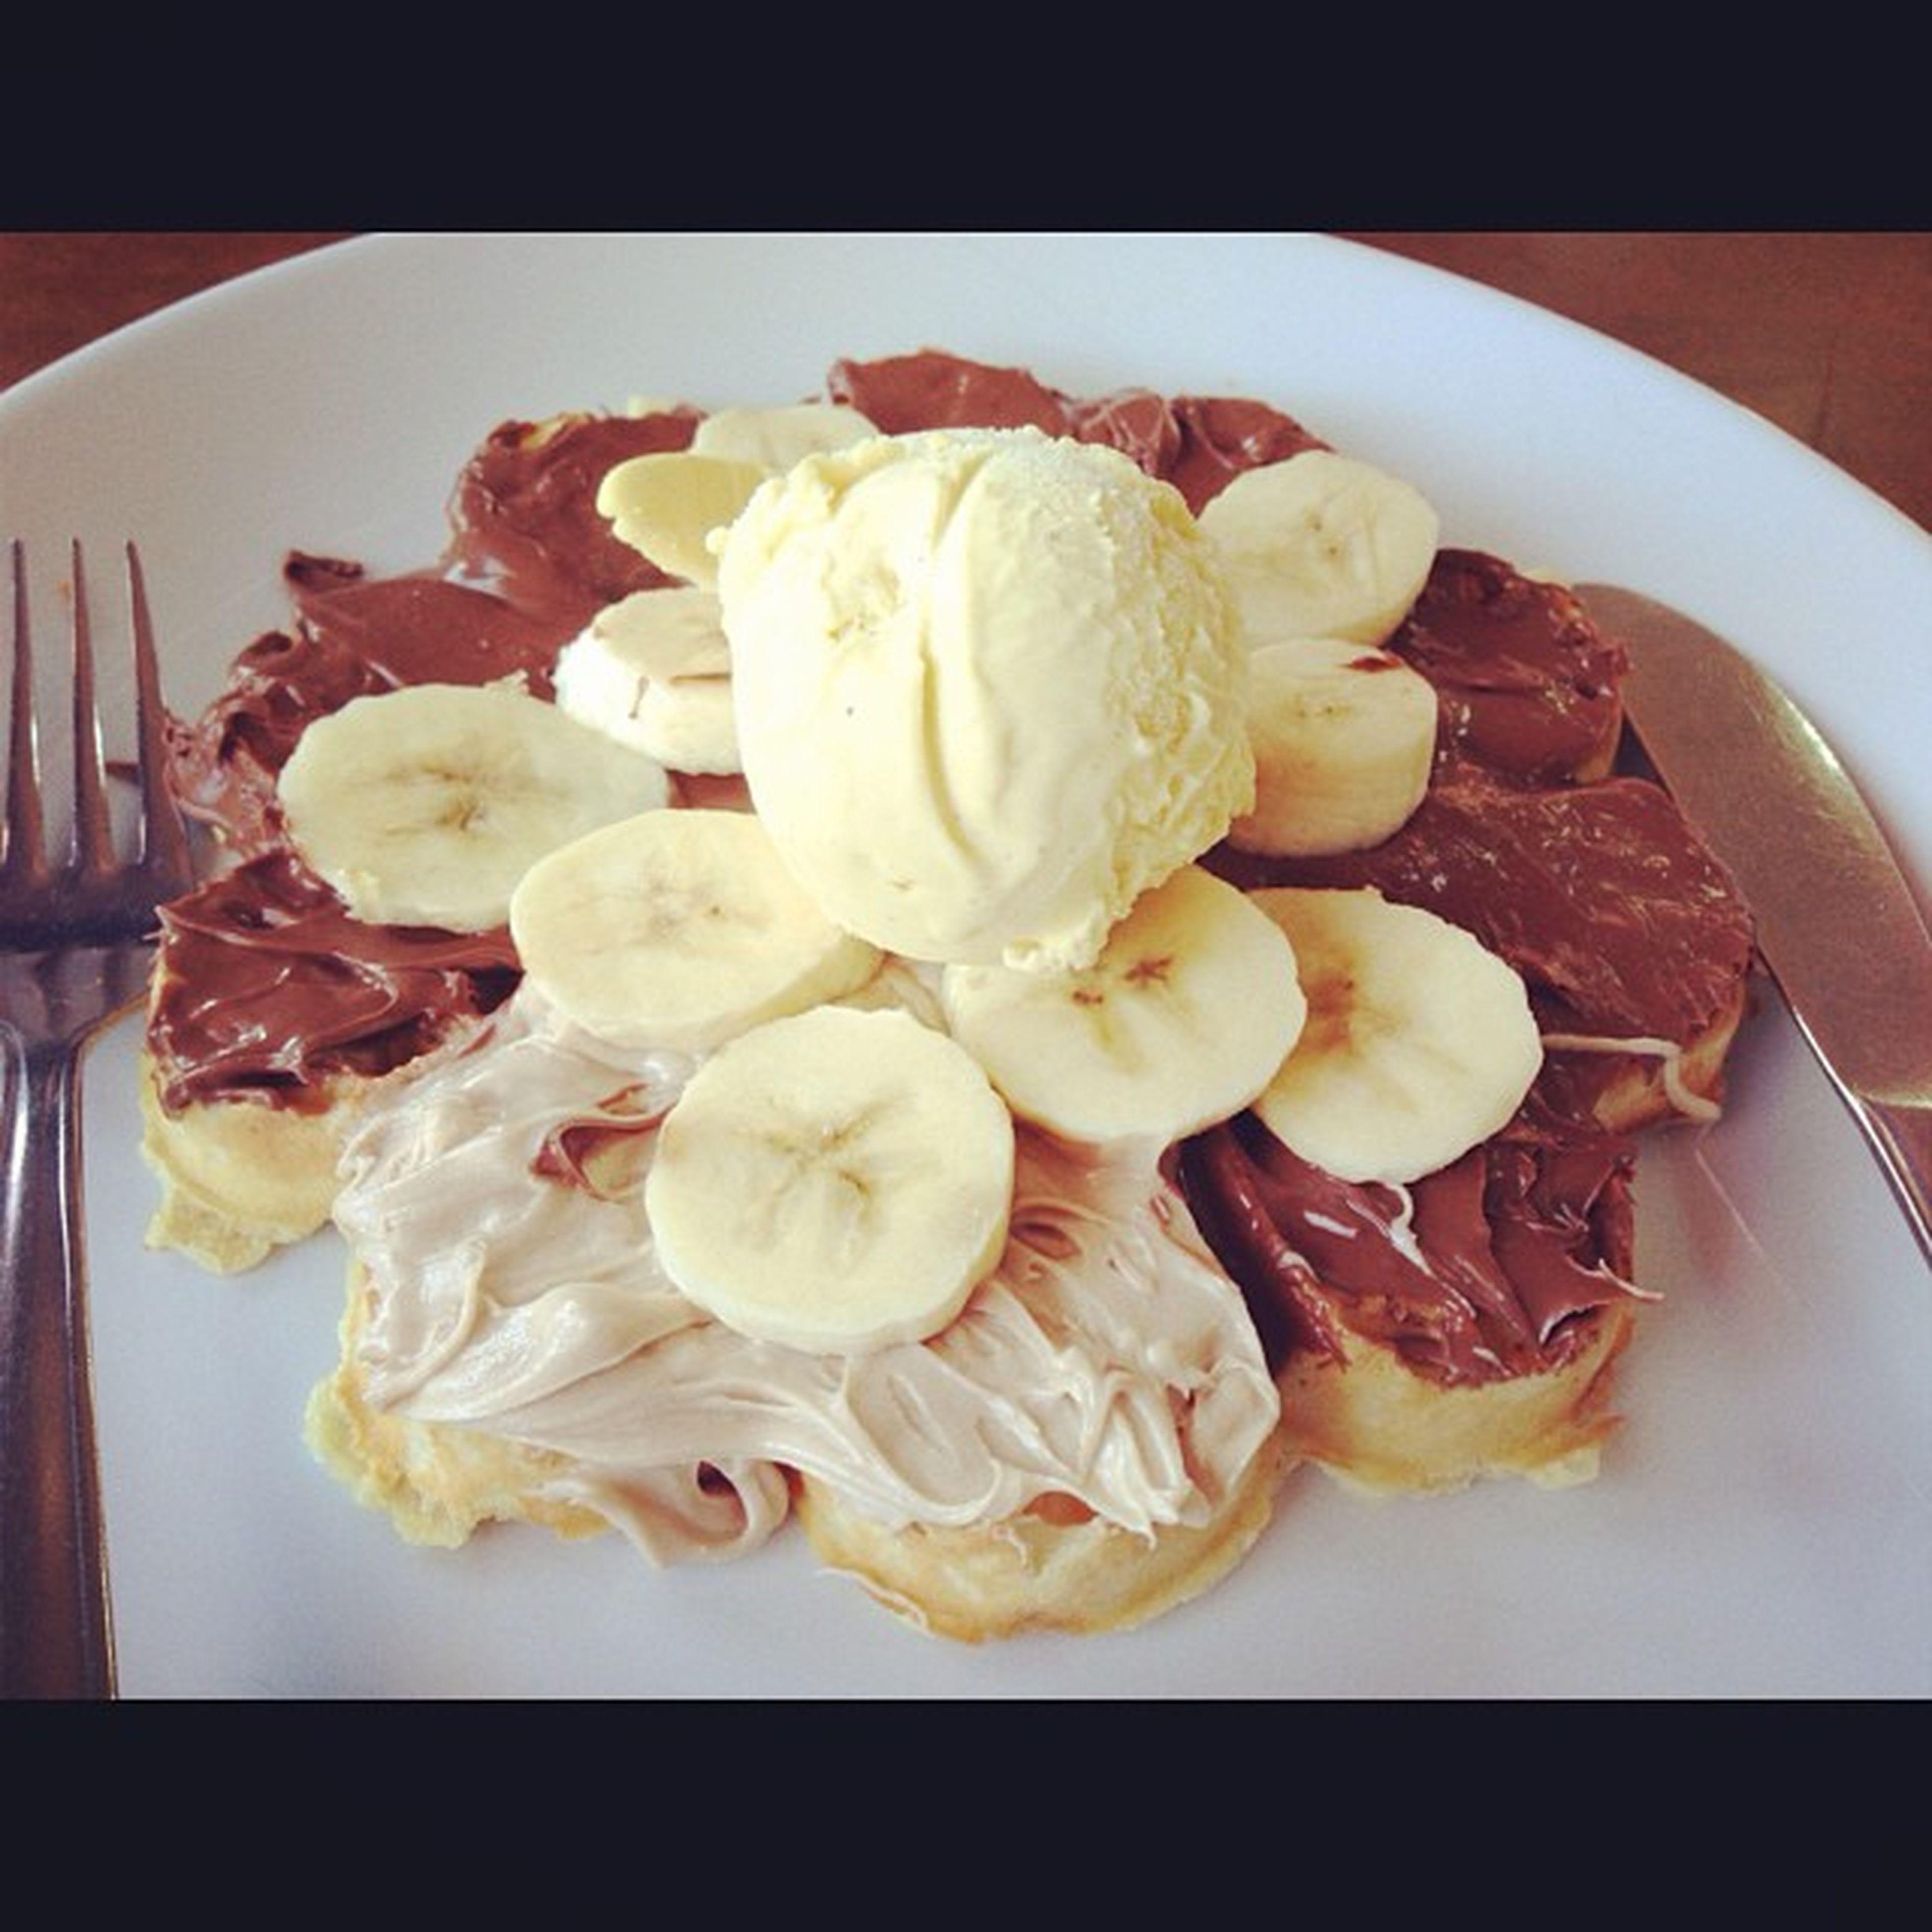 Breakfasttttt ??